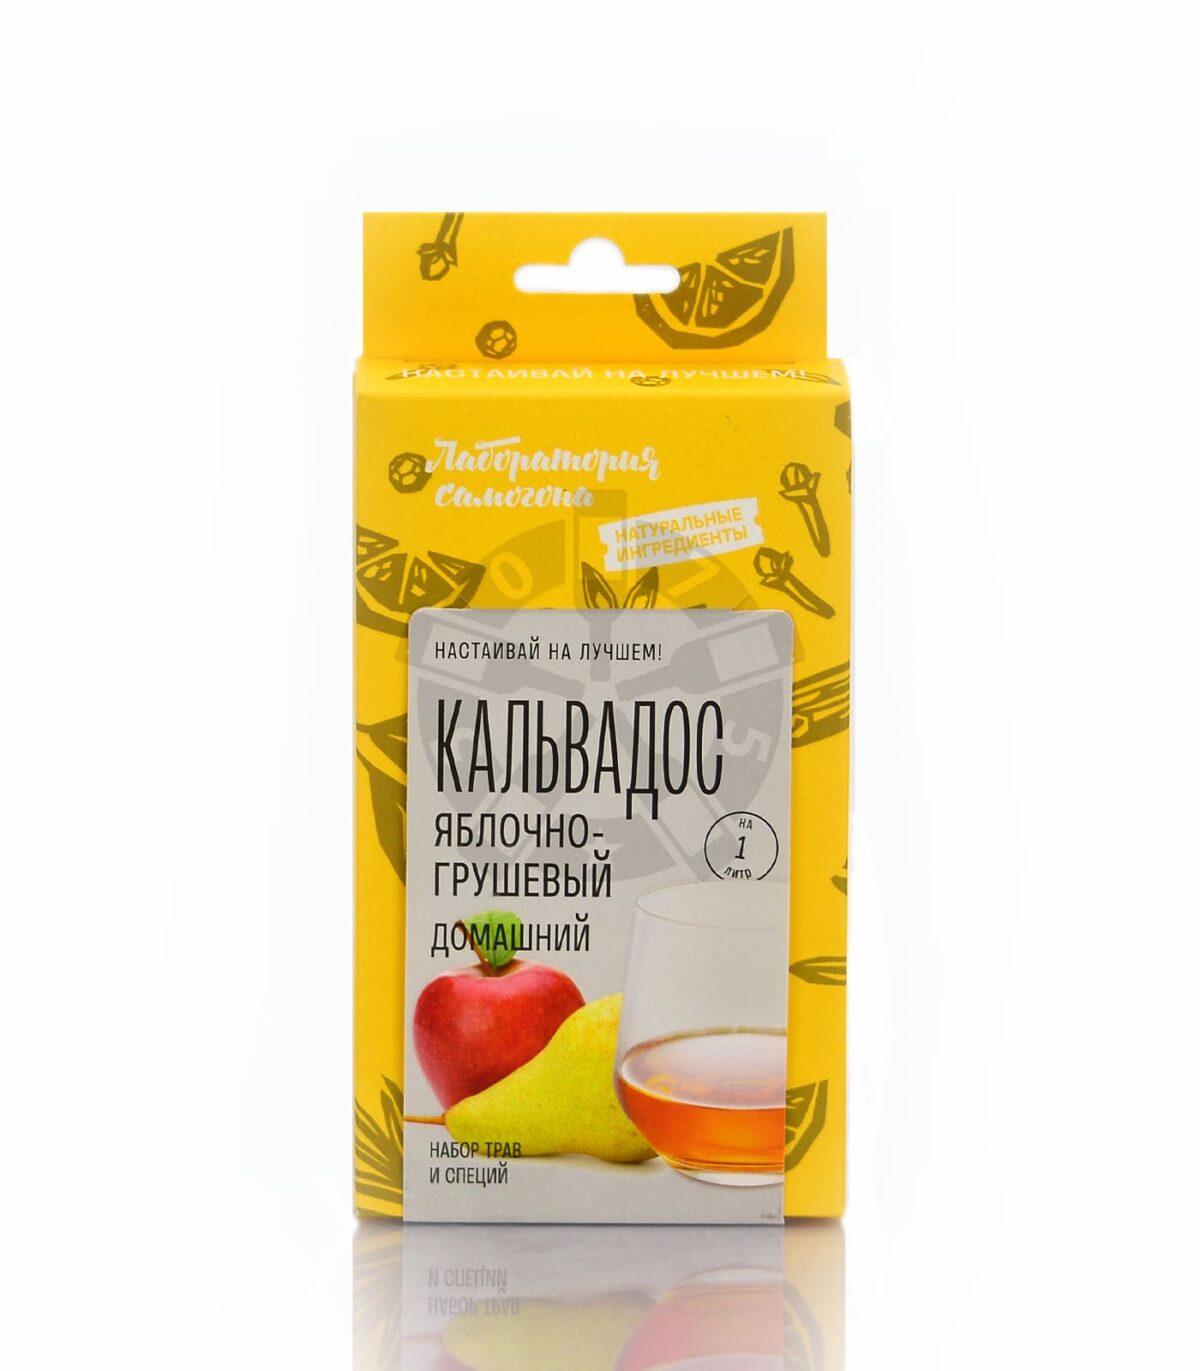 Кальвадос грушево-яблочный домашний настойка. Набор трав и специй. Box